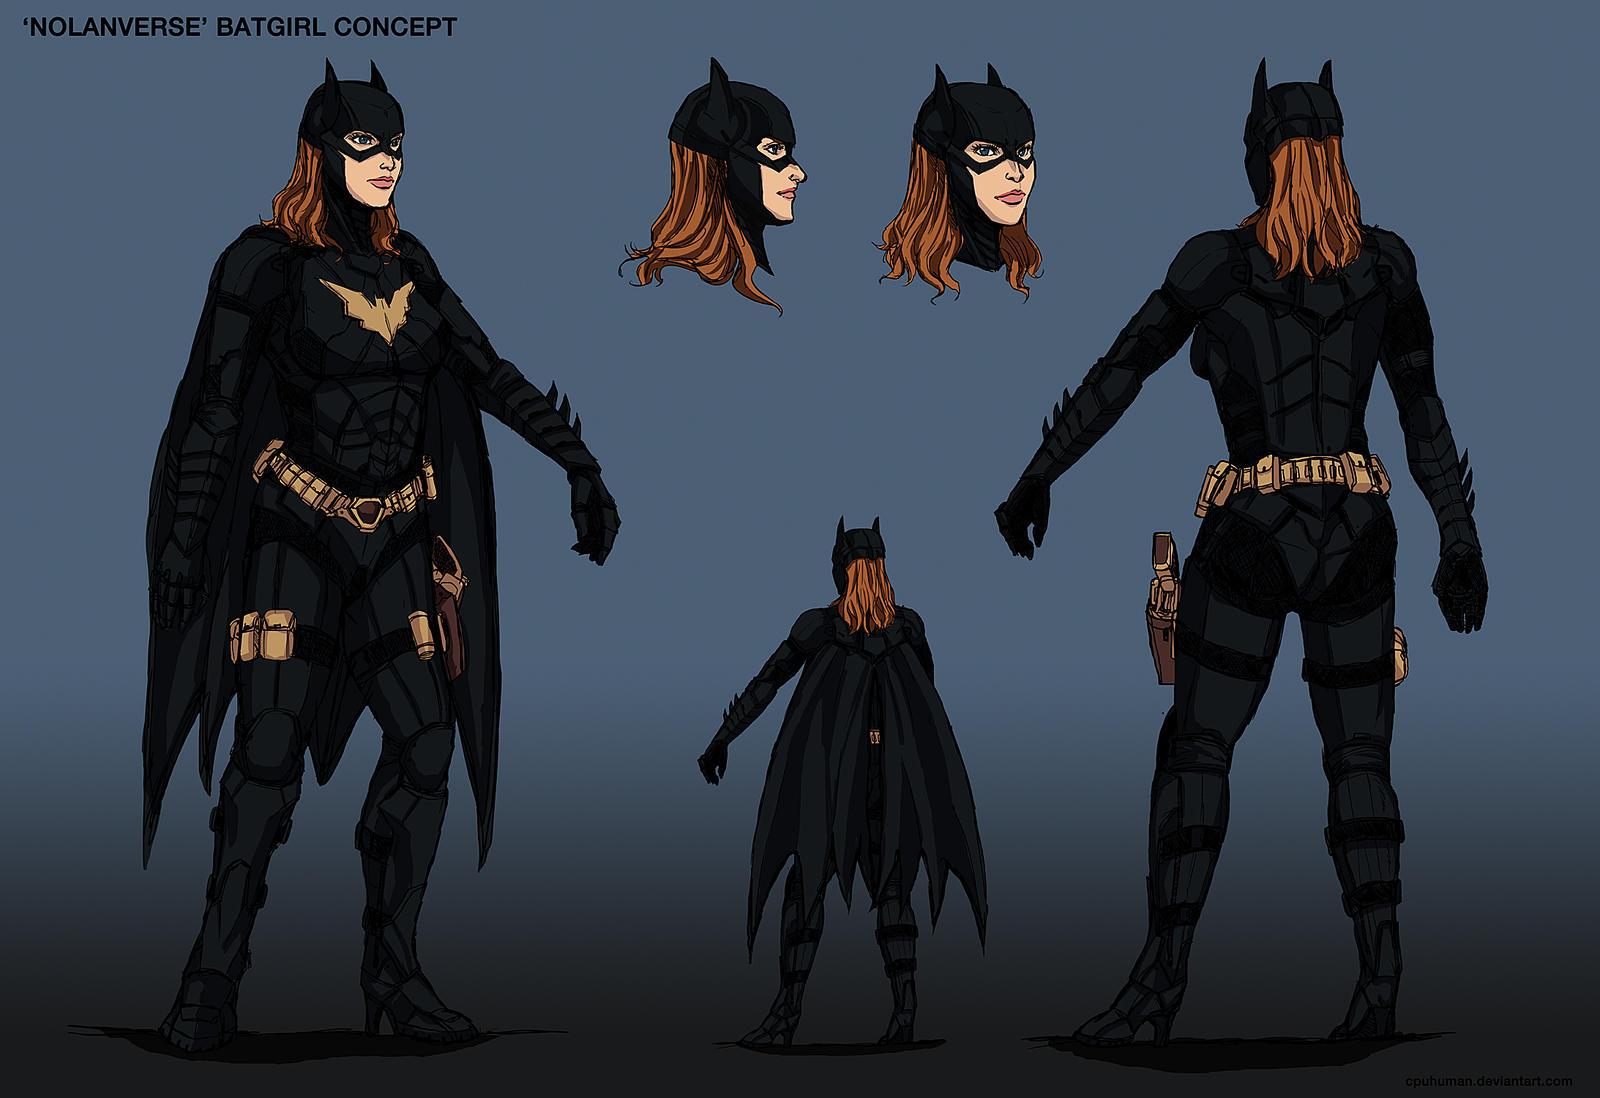 'Nolanverse' Batgirl Concept Design by cpuhuman